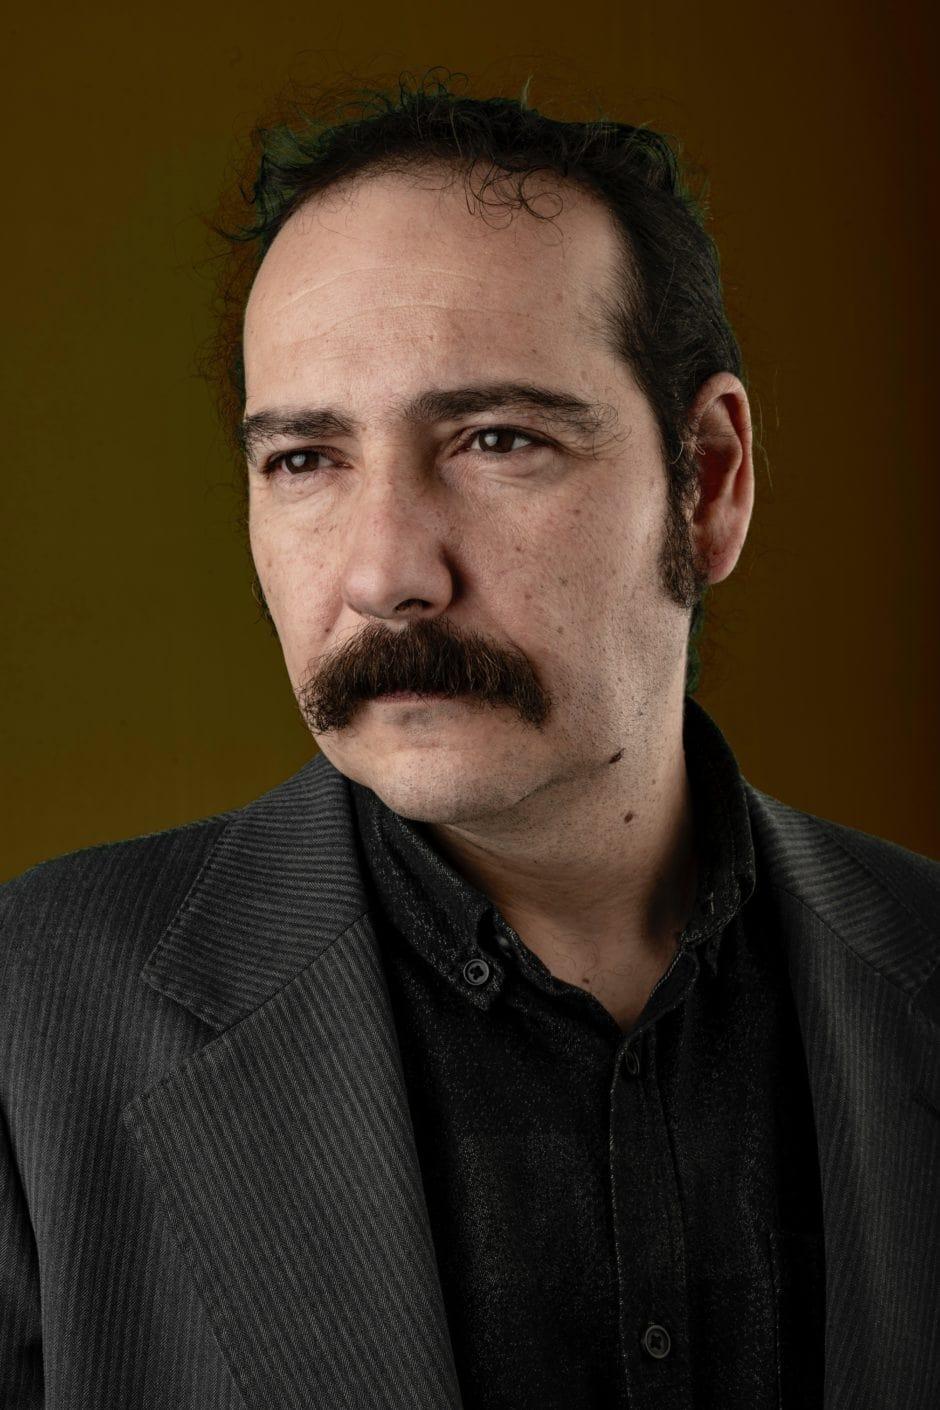 David Tenreiro